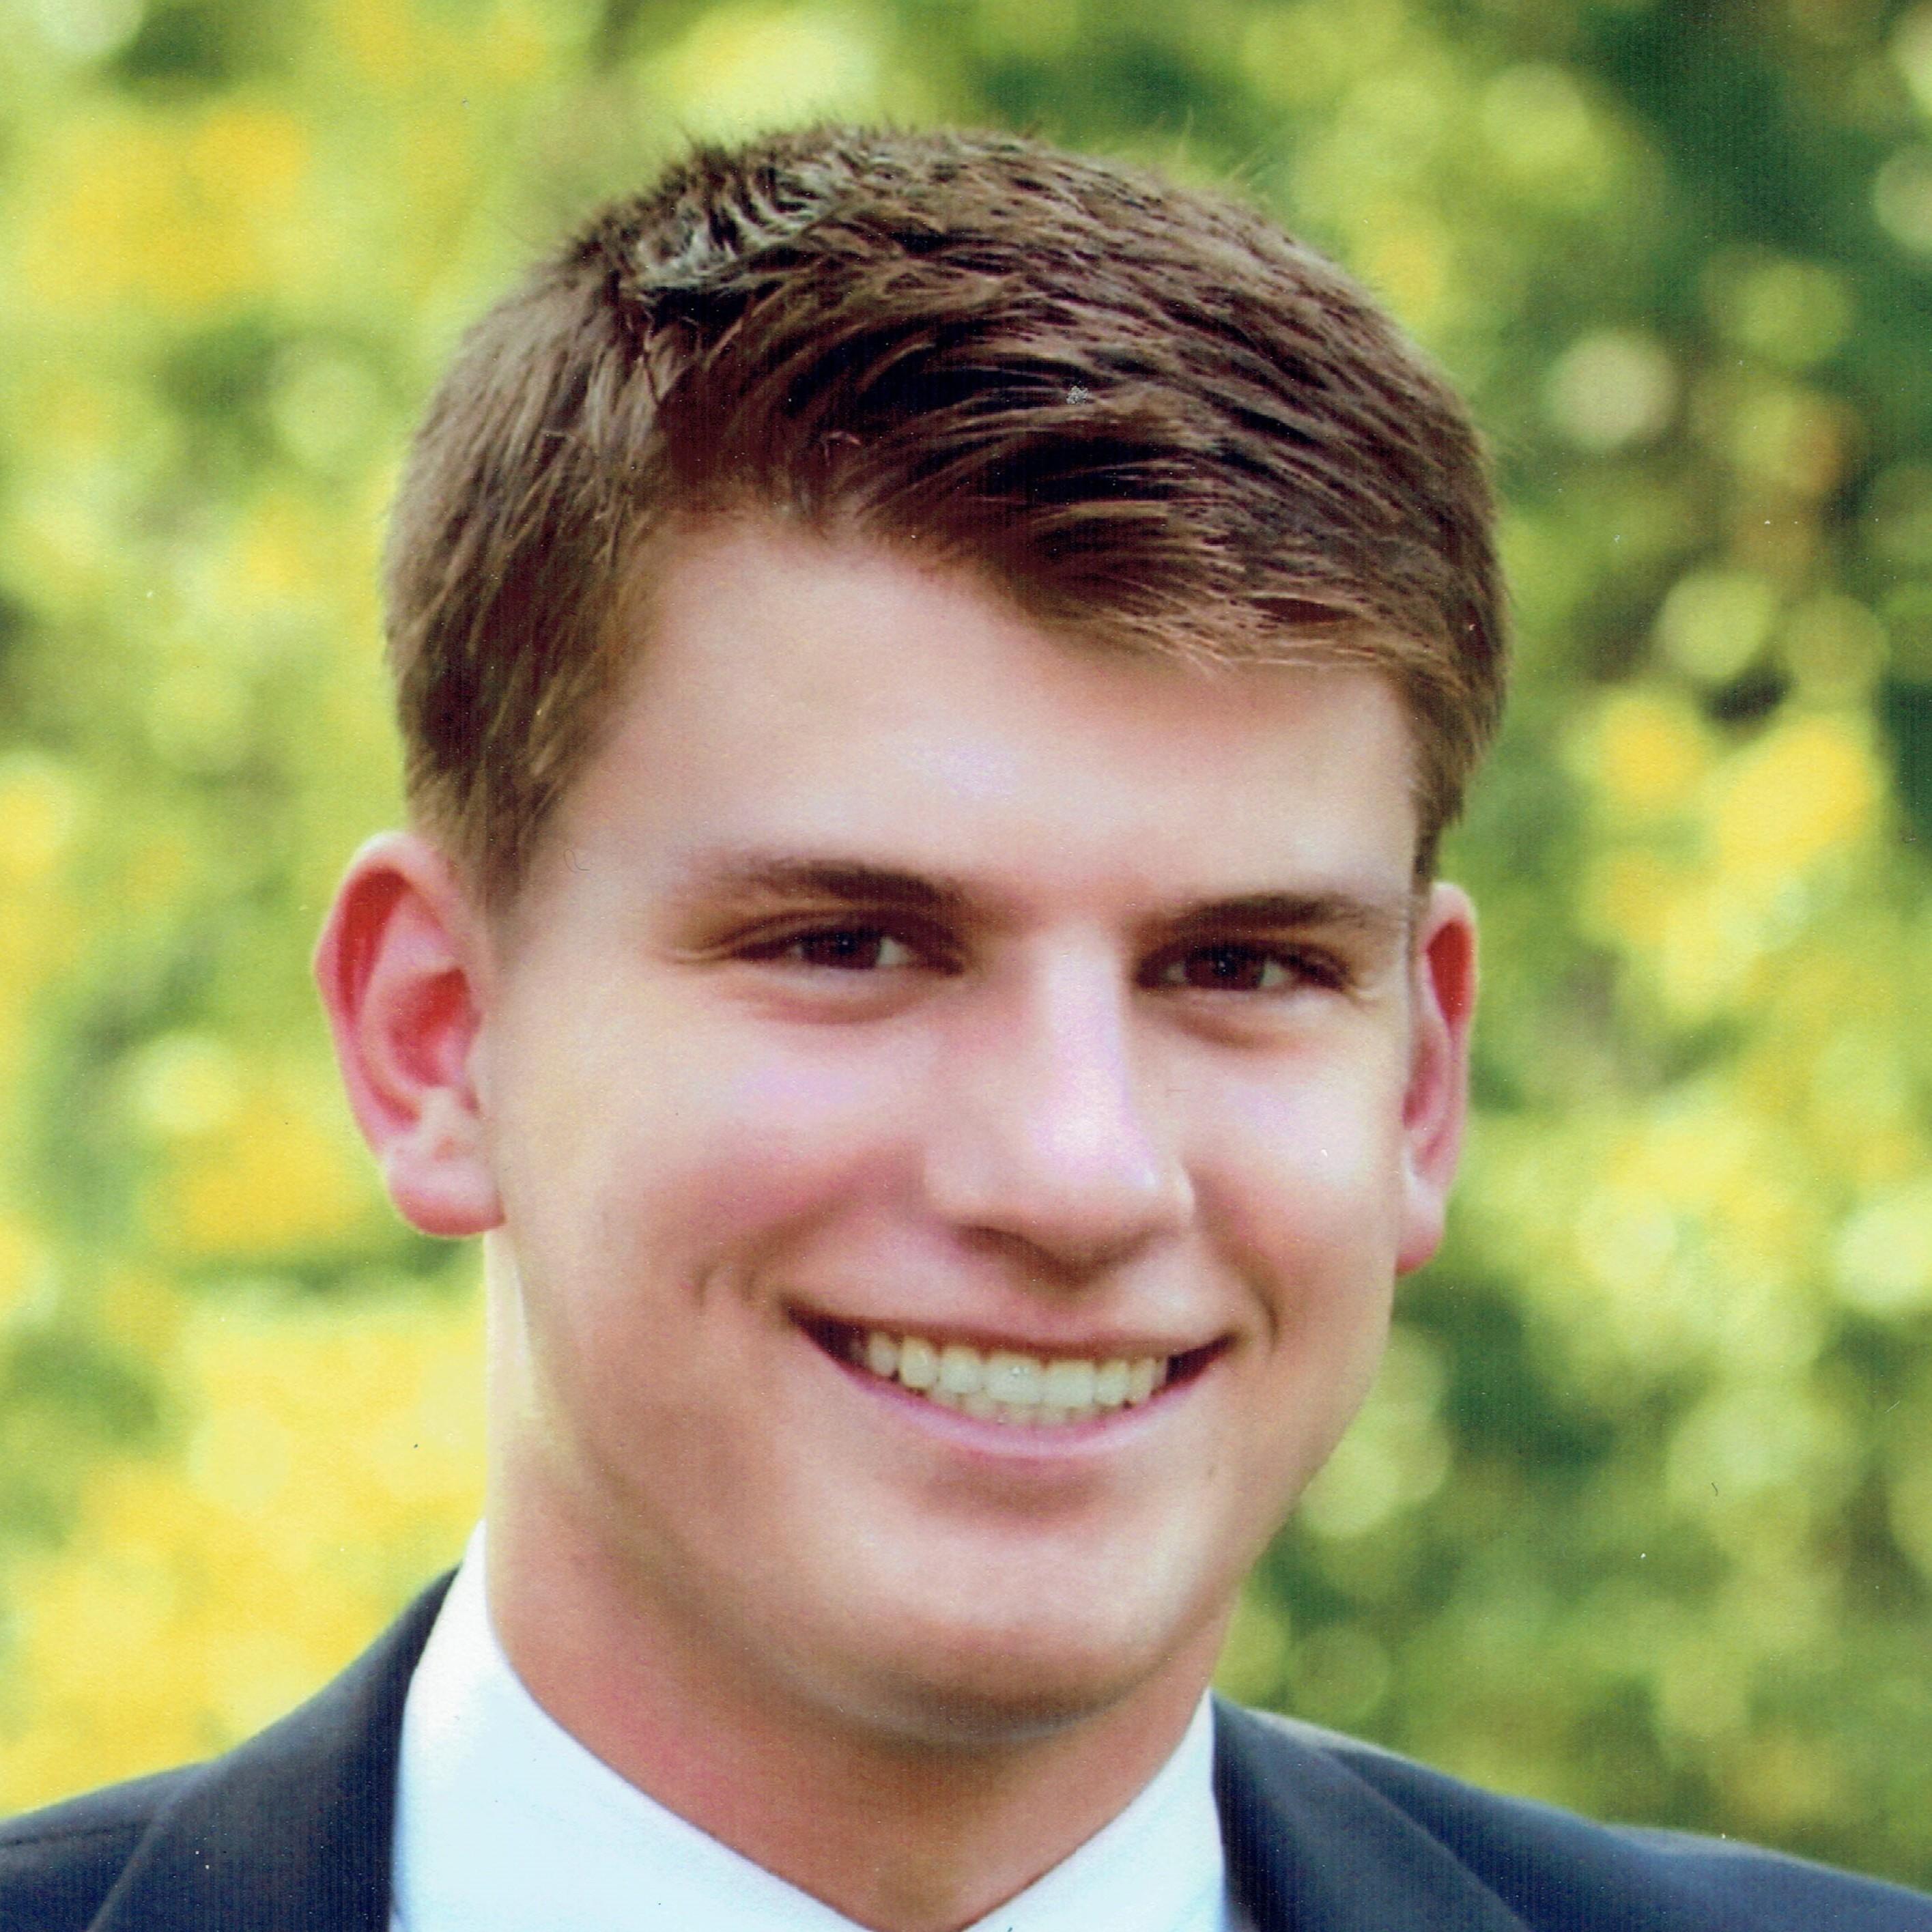 Andrew Mertz